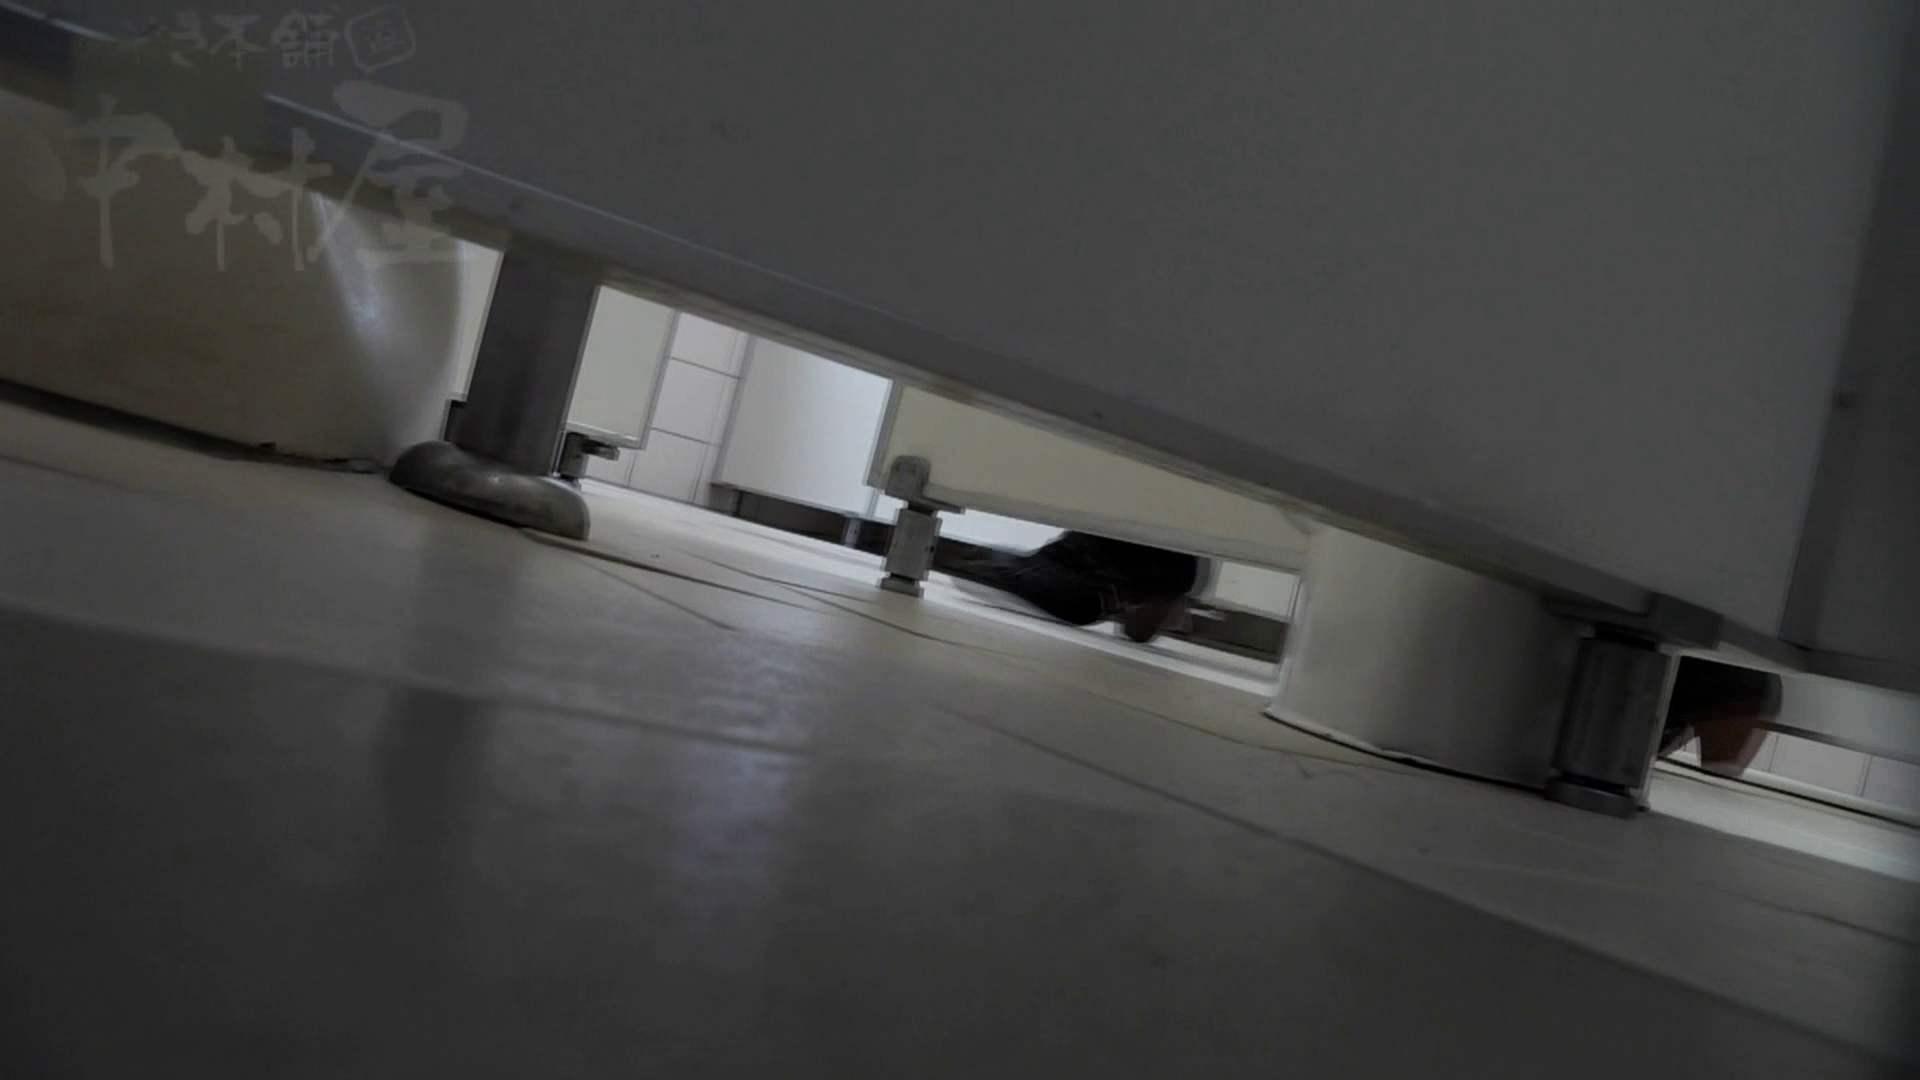 美しい日本の未来 No.06 更に侵入フロント究極な画質 トイレの中の女の子 AV動画キャプチャ 76連発 42